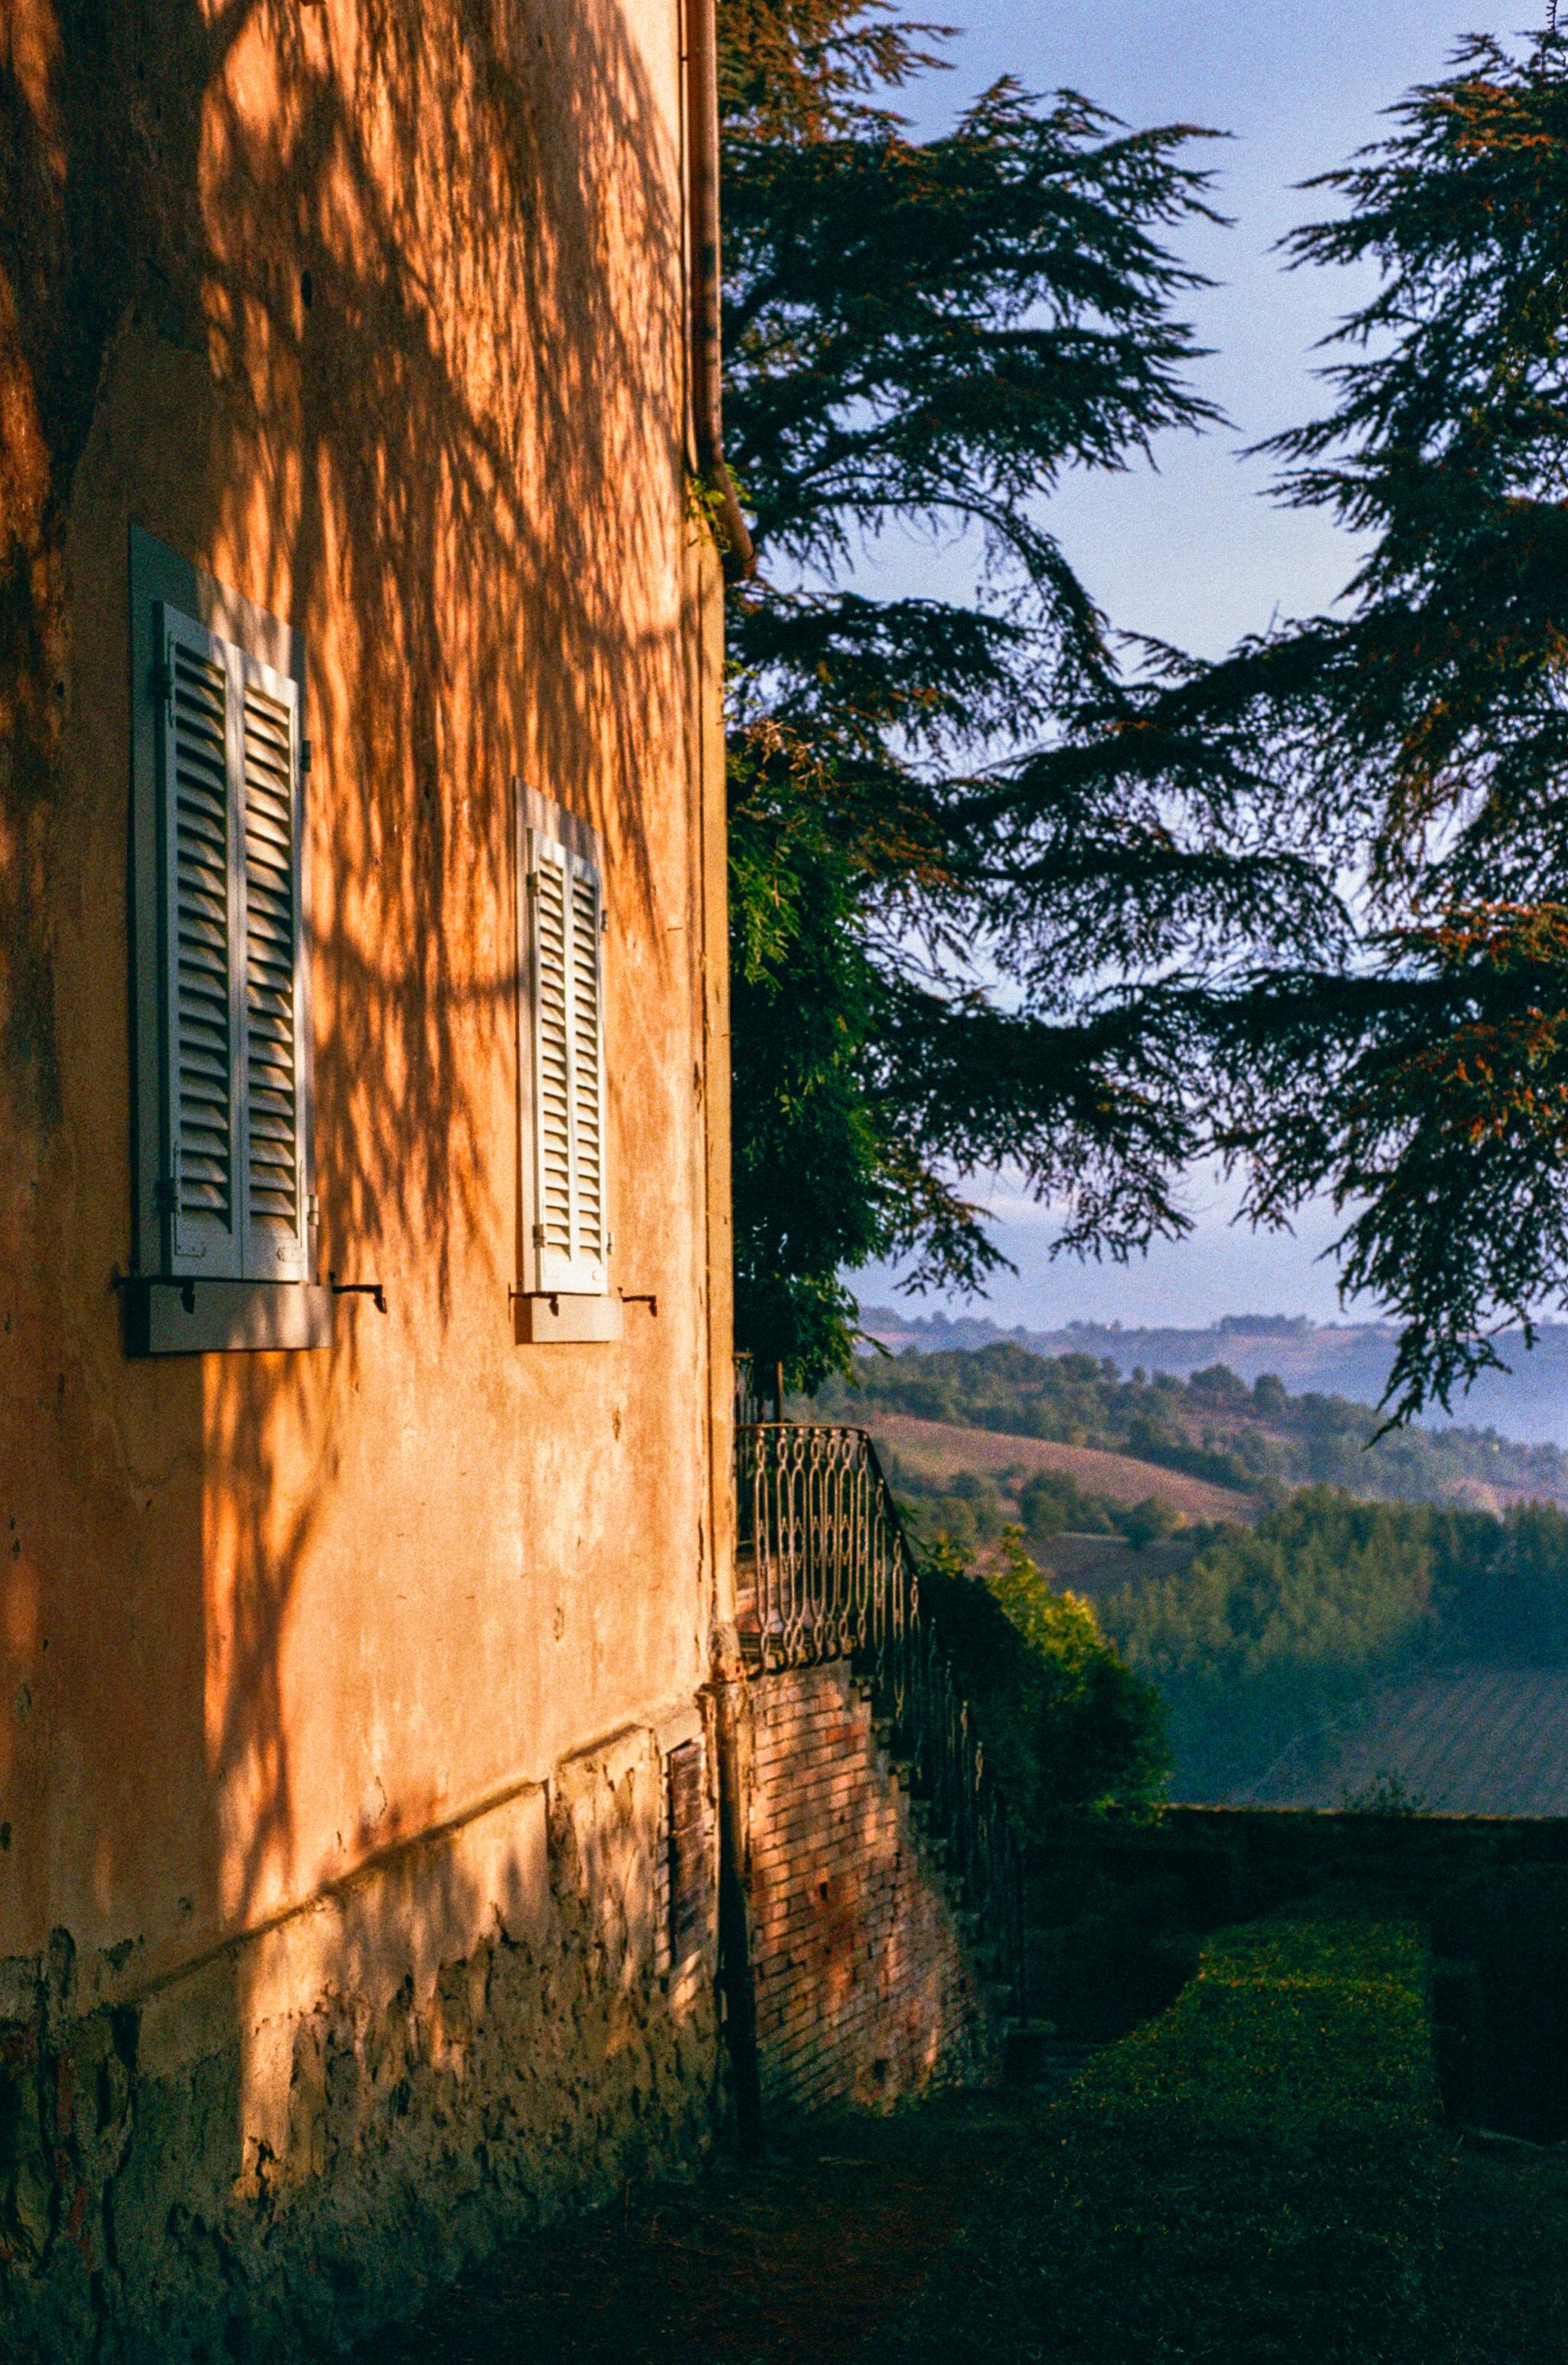 Villa_Pia_slideshow-24.jpg